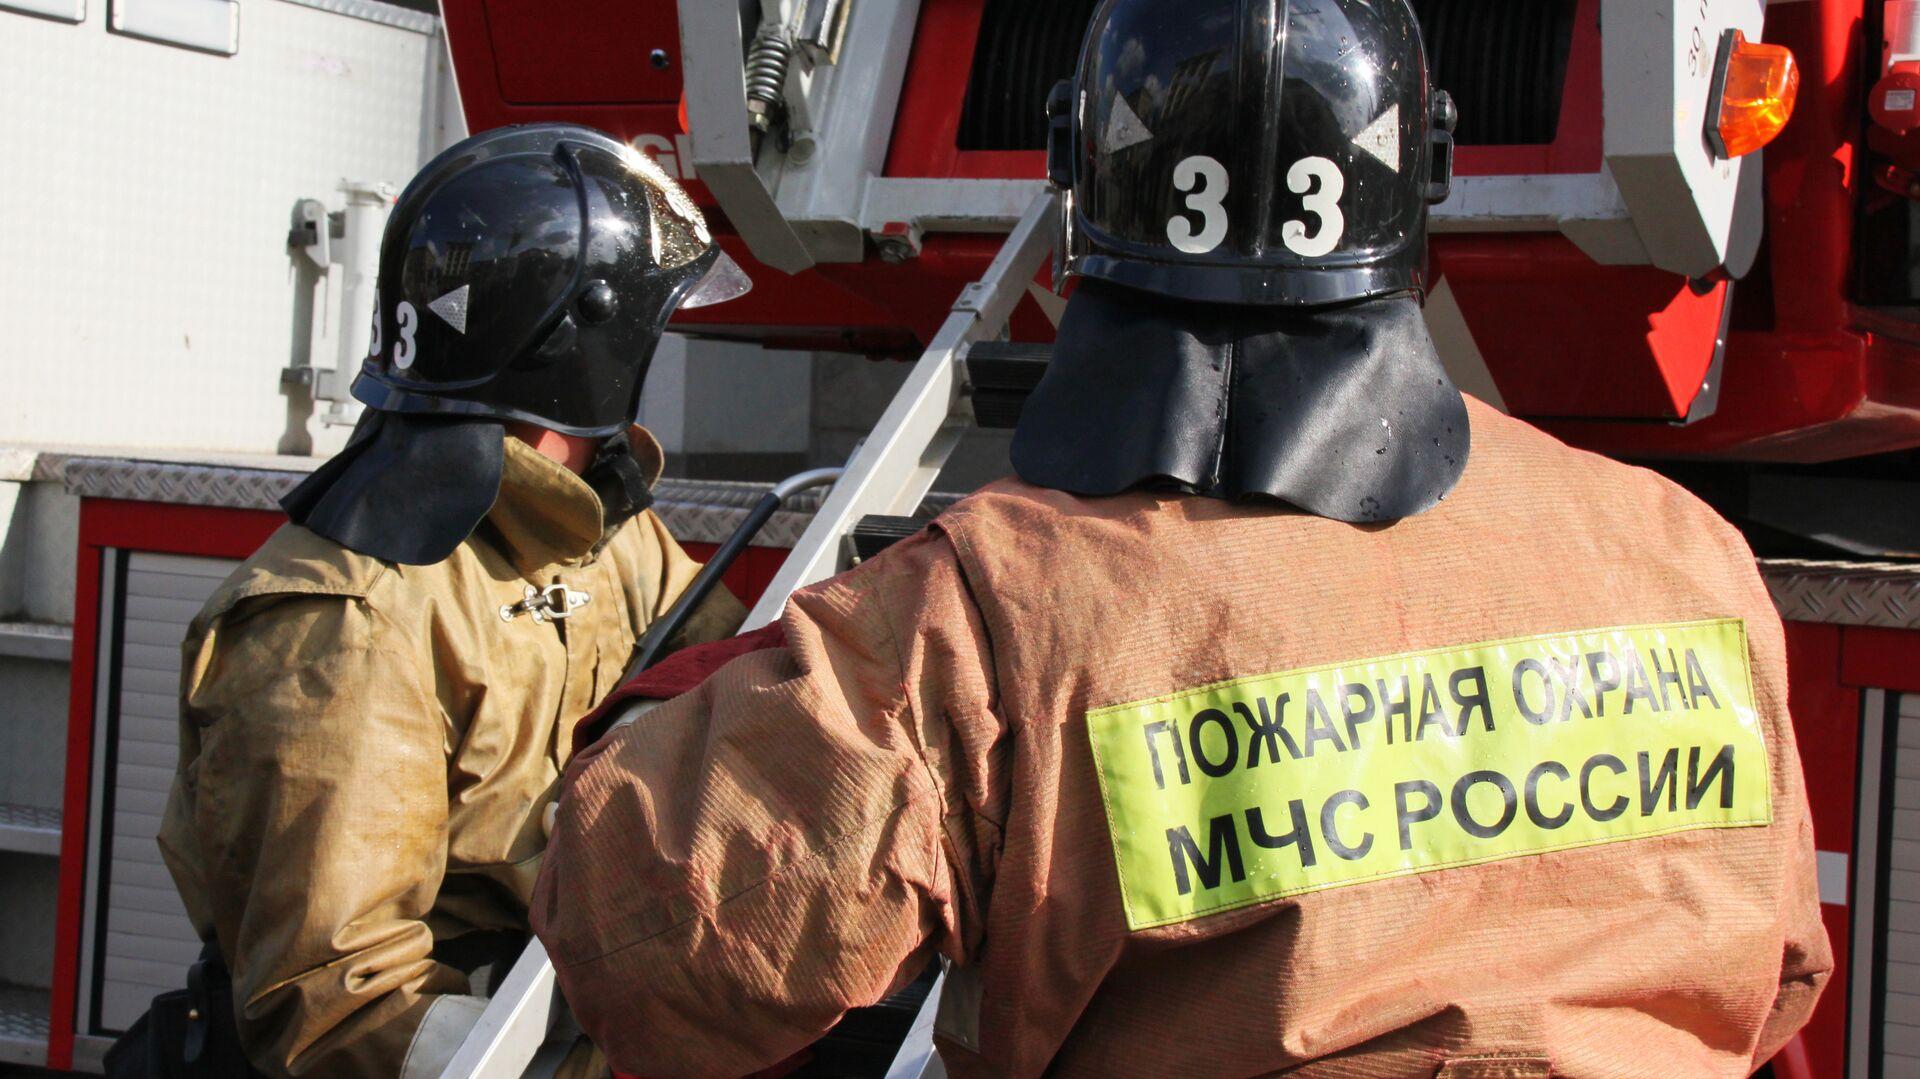 Пожар в строящемся здании торгового центра Lotte Plaza в Москве - РИА Новости, 1920, 08.03.2021